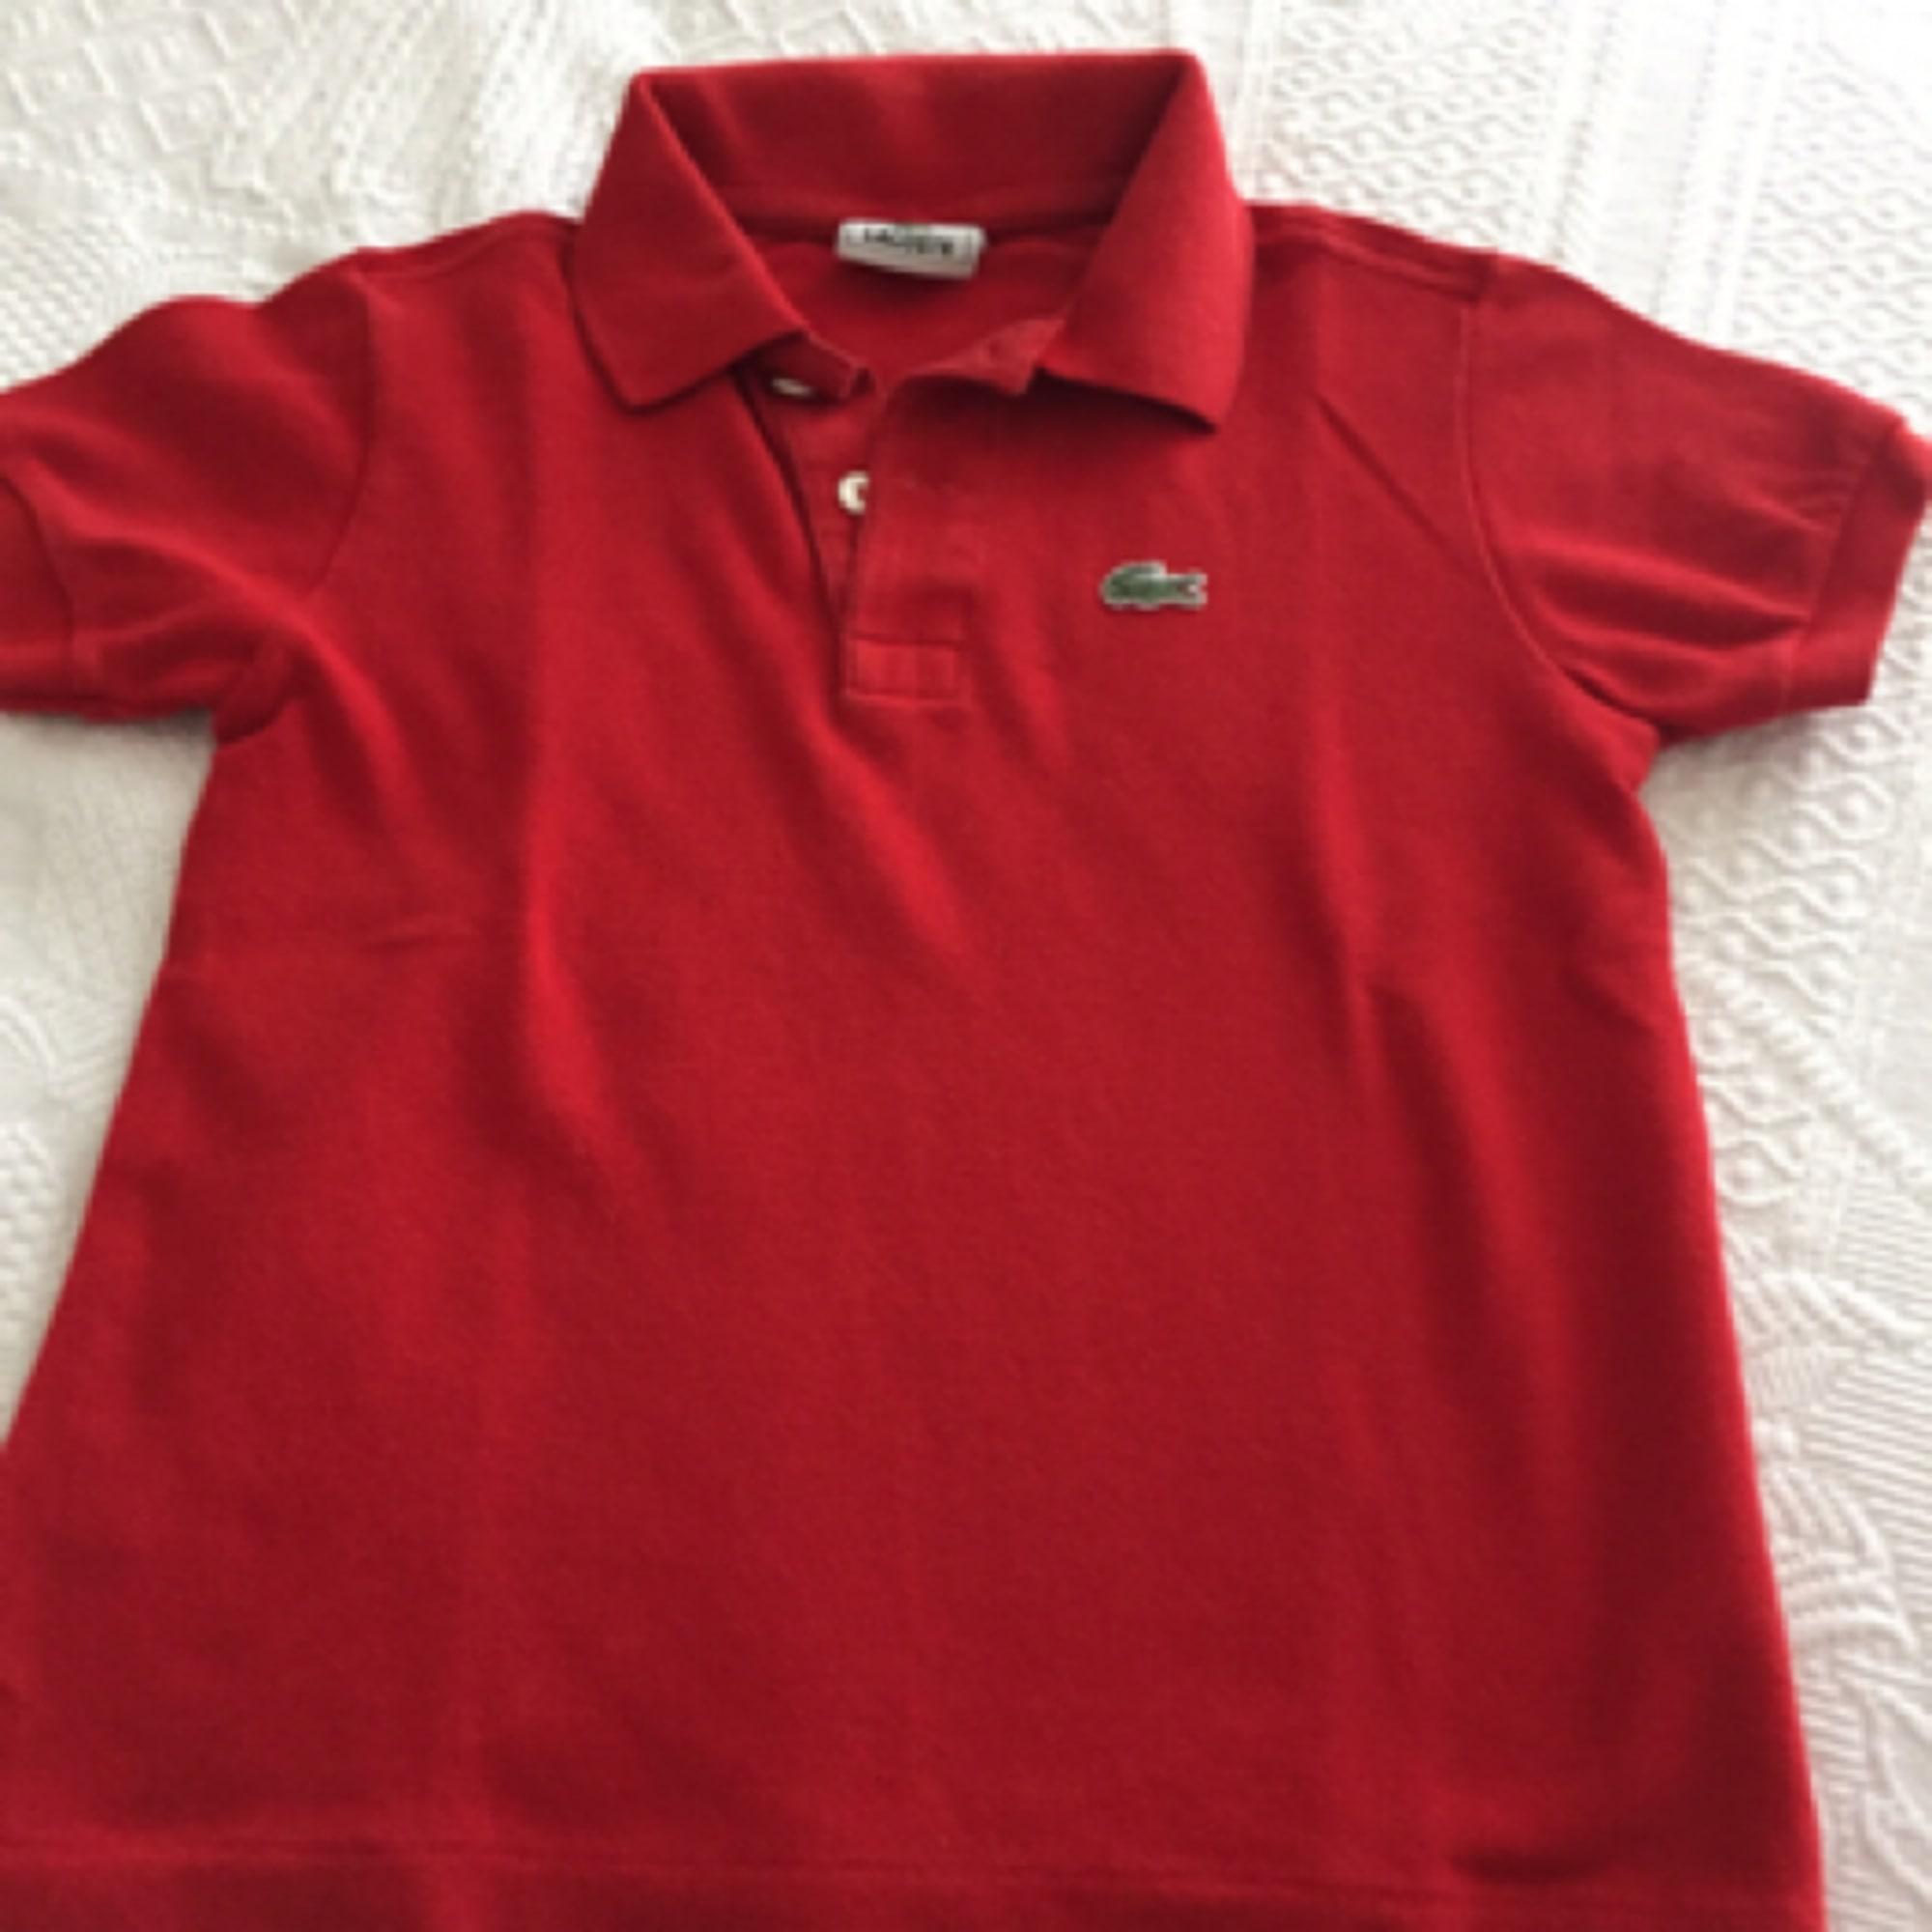 f7c098272f Polo LACOSTE 5-6 ans rouge vendu par Angelix70 - 4629018